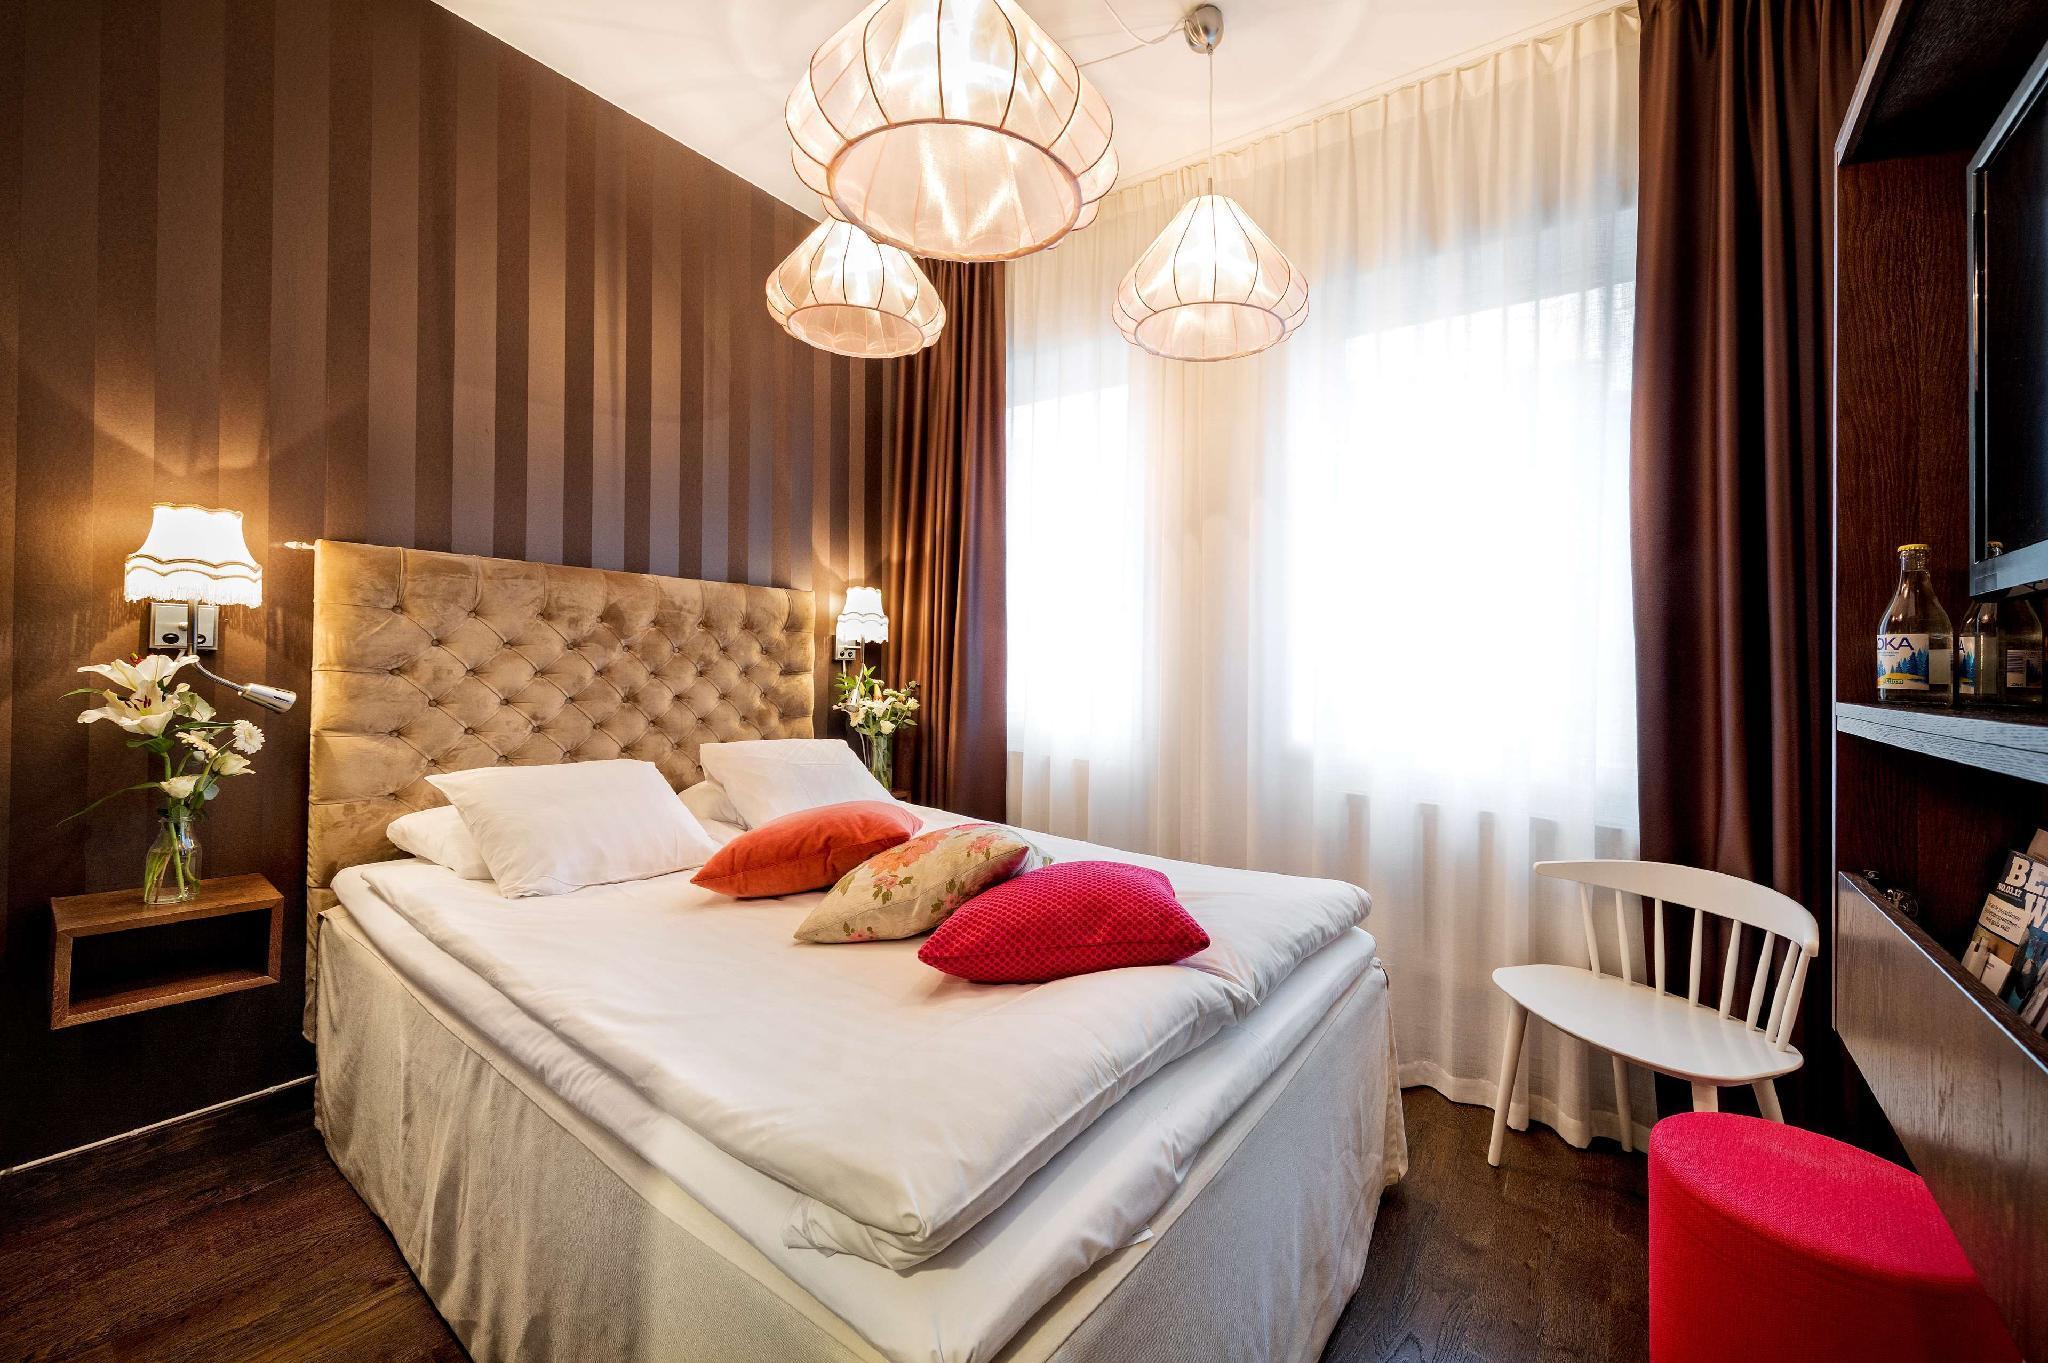 Best Western The Public Hotel, Österåker